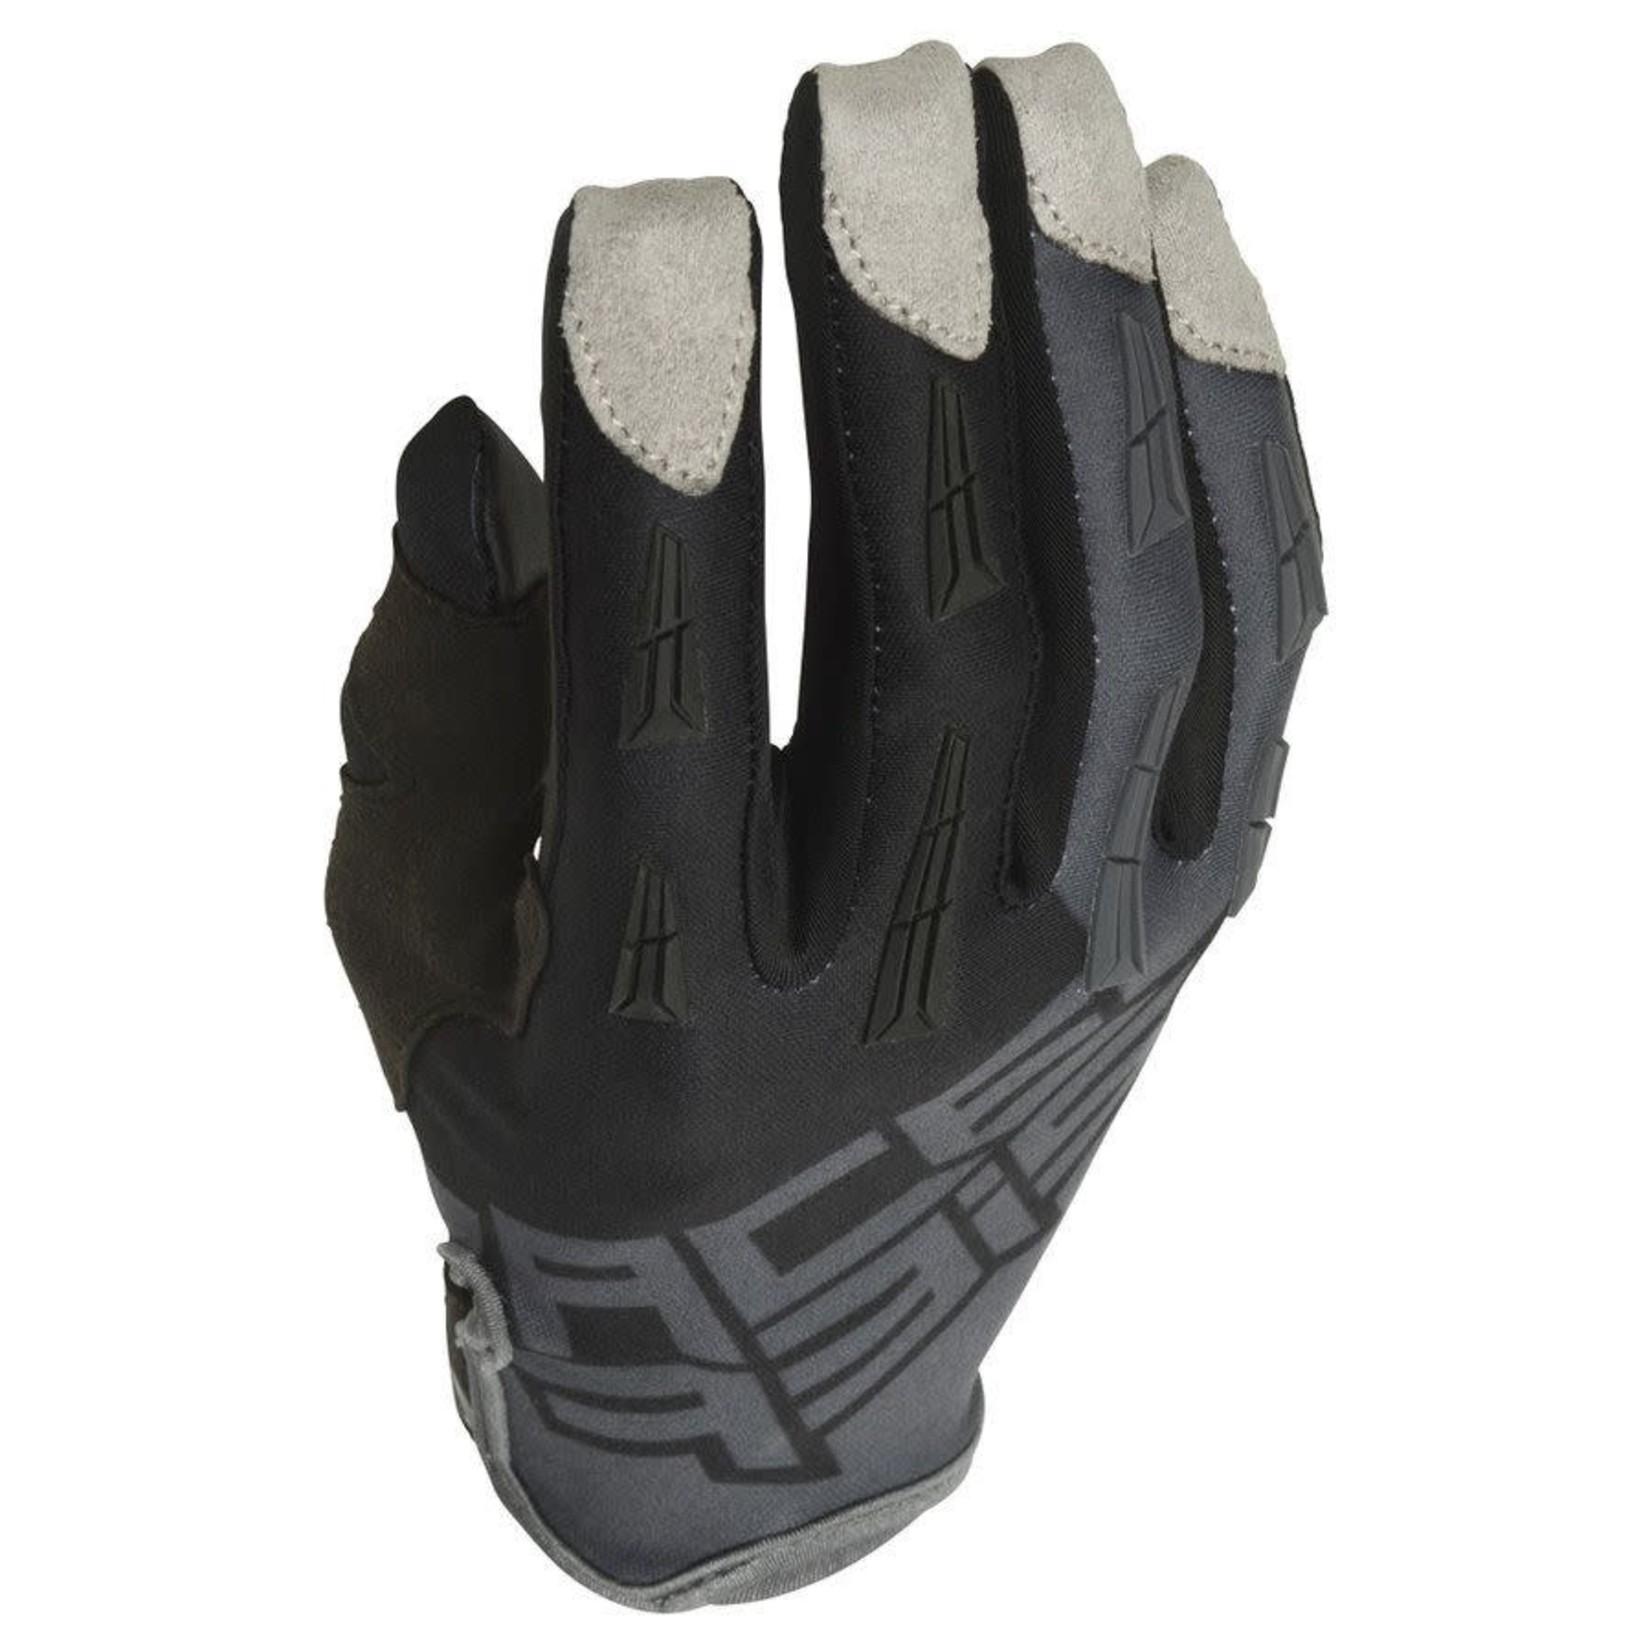 ACERBIS Acerbis - Handschuhe MX X-H GREY/BLACK